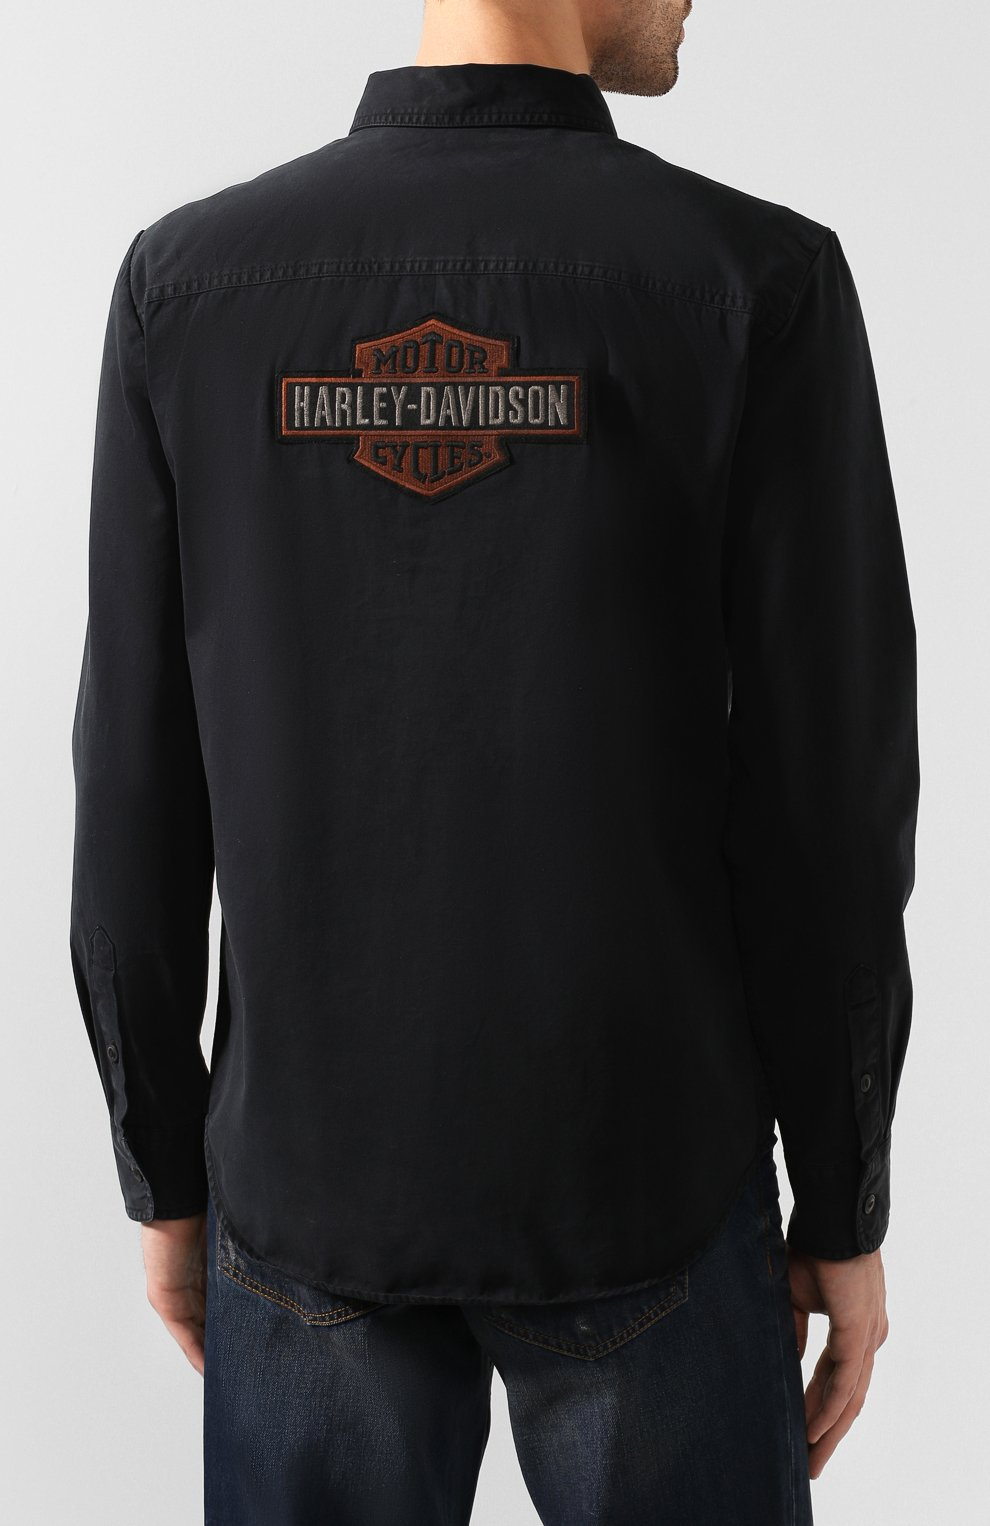 Мужская хлопковая рубашка 1903 HARLEY-DAVIDSON черного цвета, арт. 99282-19VM | Фото 4 (Манжеты: На пуговицах; Воротник: Кент; Рукава: Длинные; Случай: Повседневный; Длина (для топов): Стандартные; Принт: С принтом; Материал внешний: Хлопок)